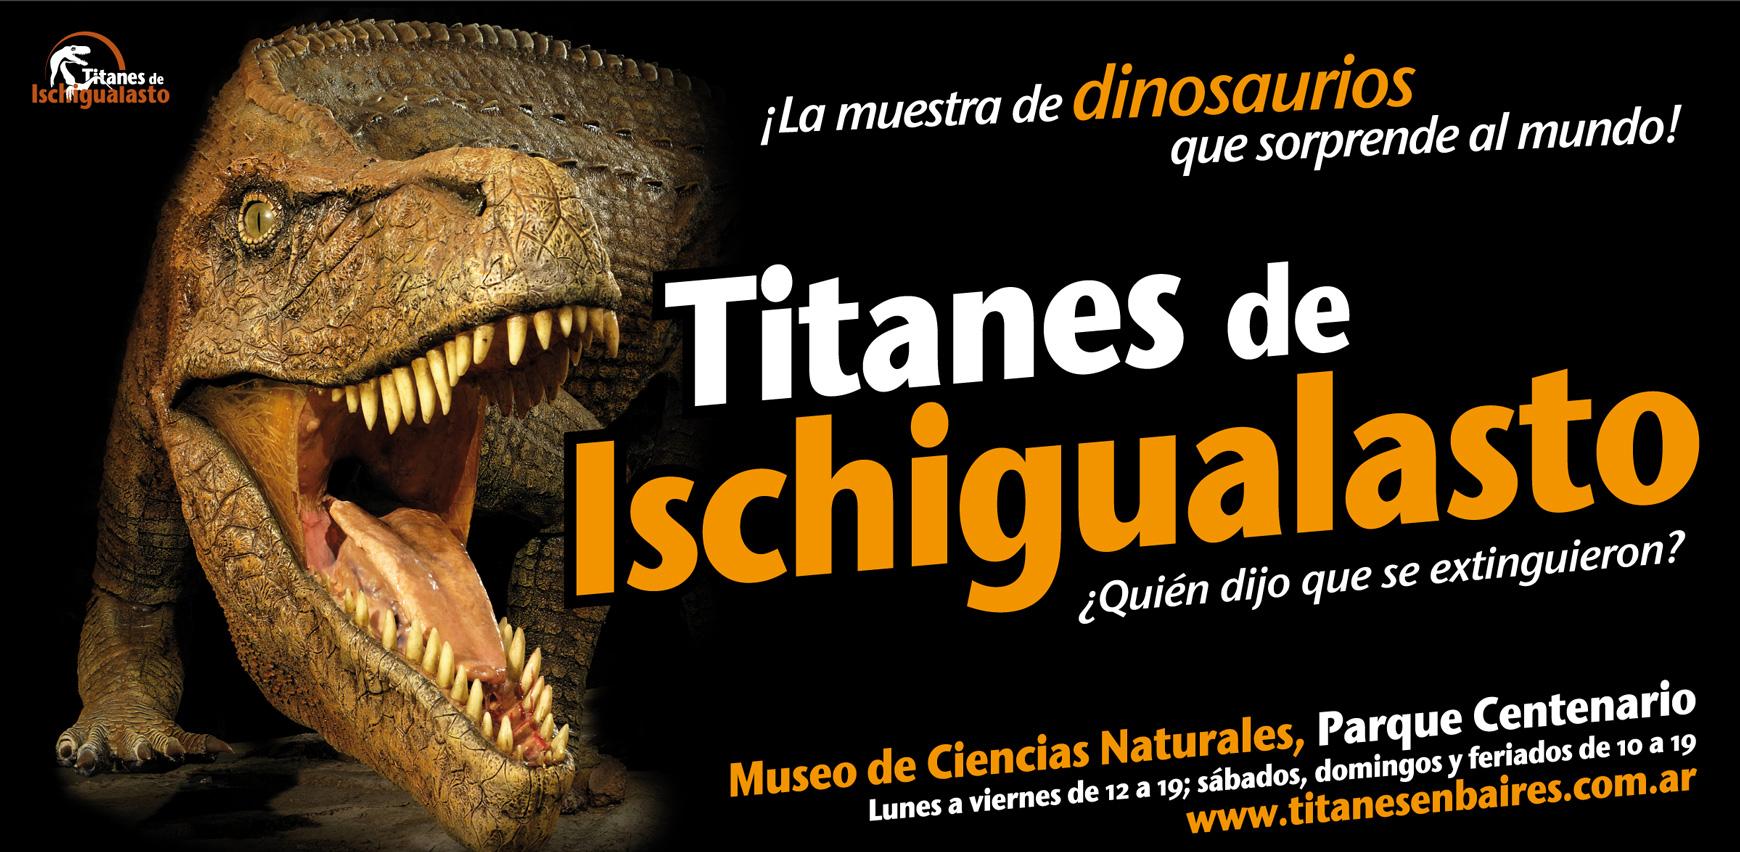 Sextuple Titanes de Ischigualasto